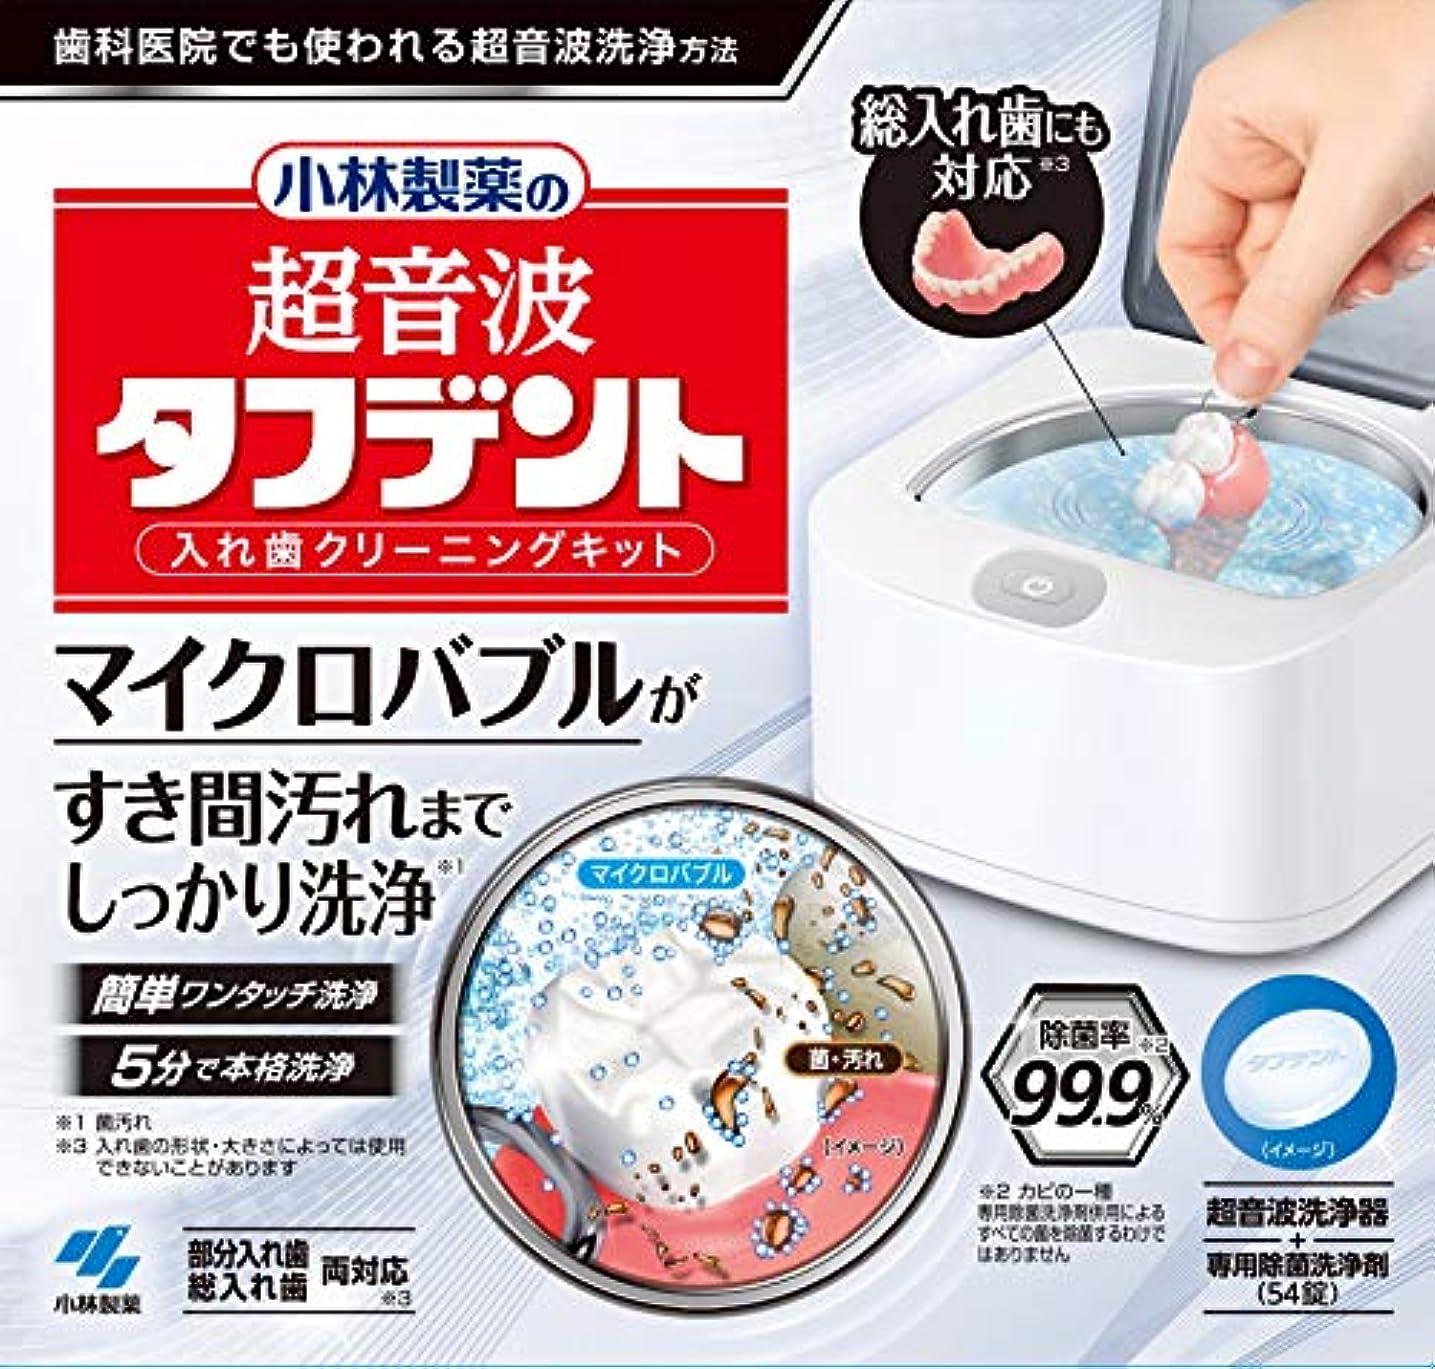 構成員歯科のフルーツ小林製薬 義歯洗浄剤 超音波タフデント入れ歯クリーニングキット(メガネクリーナー付)